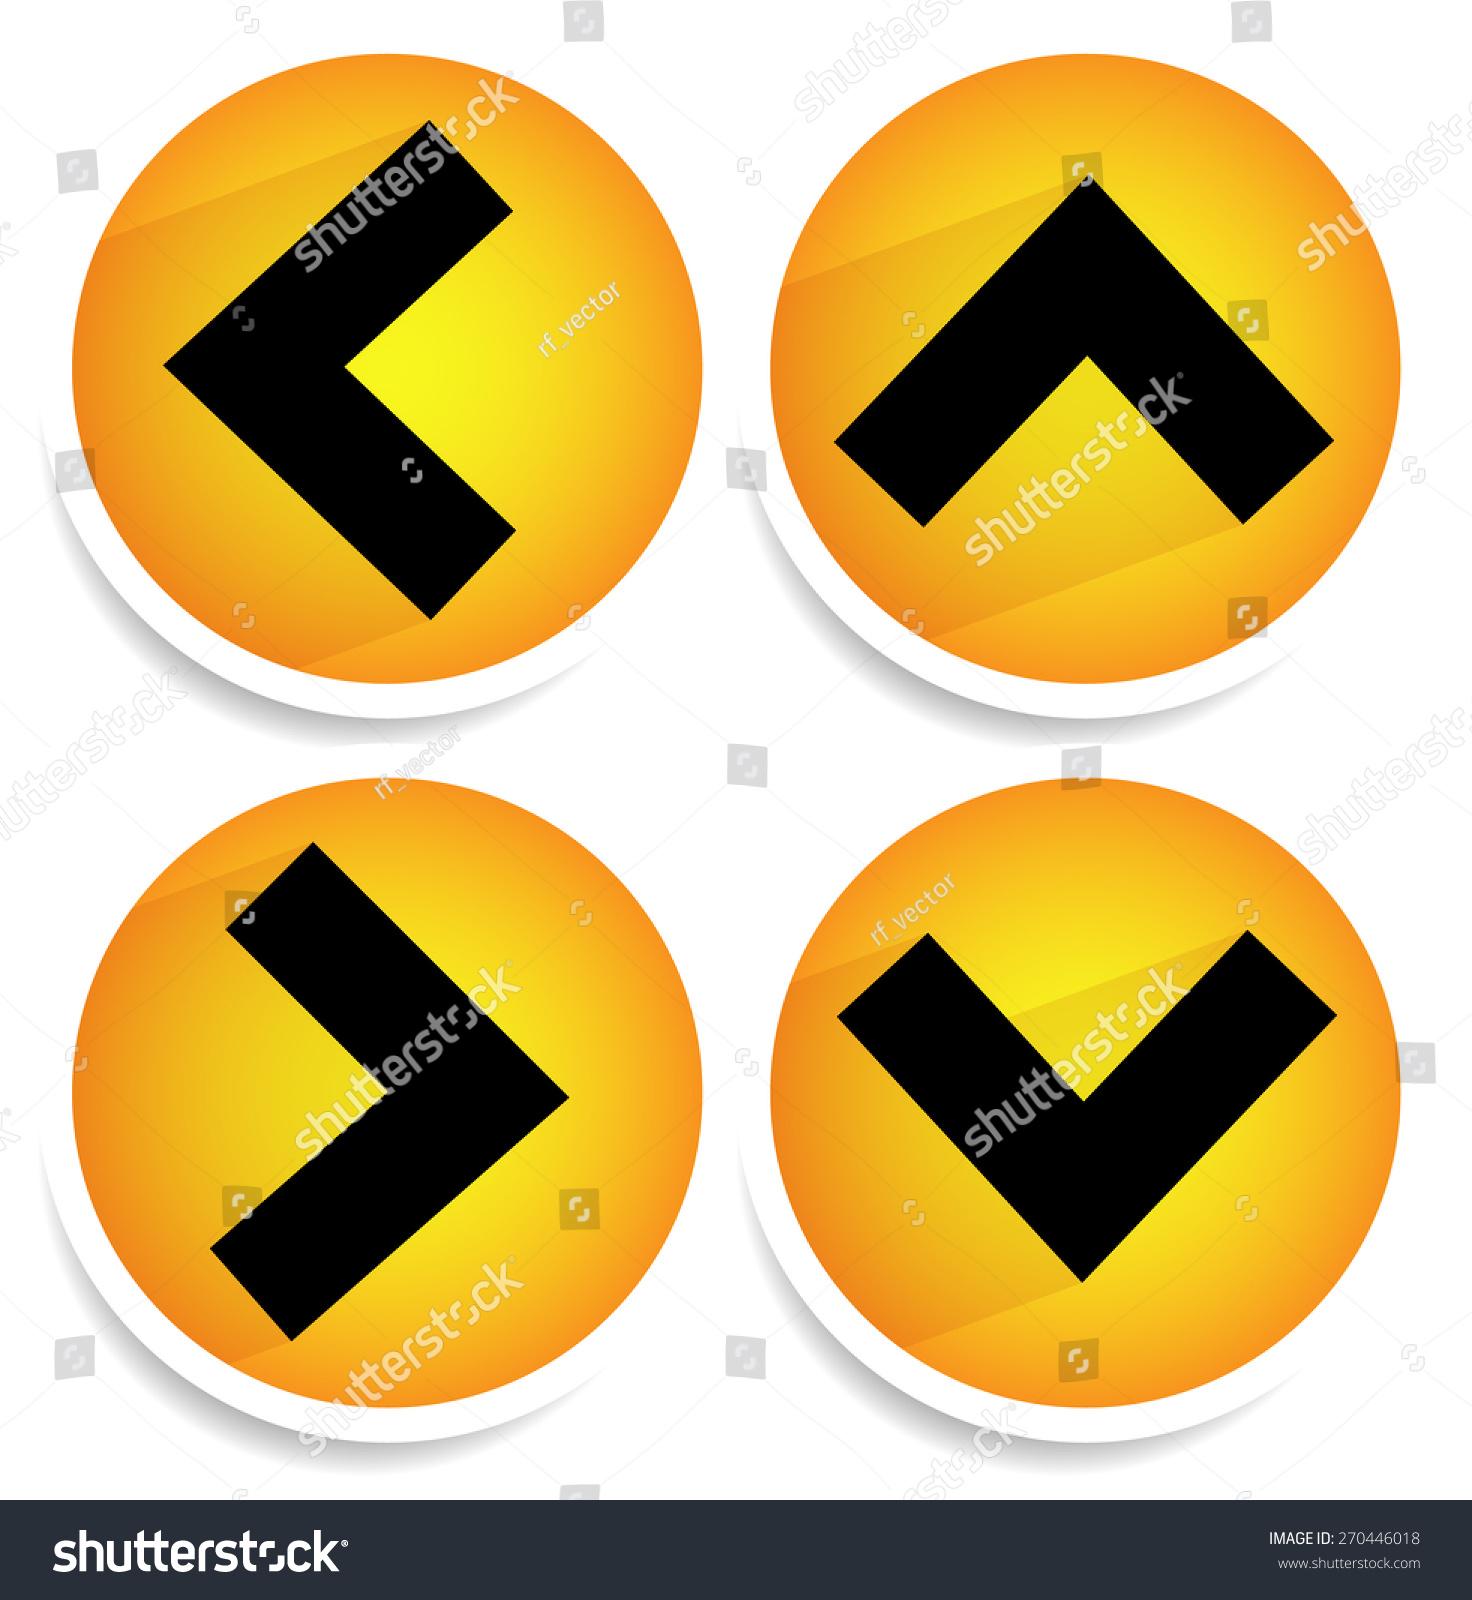 logo 标识 标志 设计 矢量 矢量图 素材 图标 1471_1600